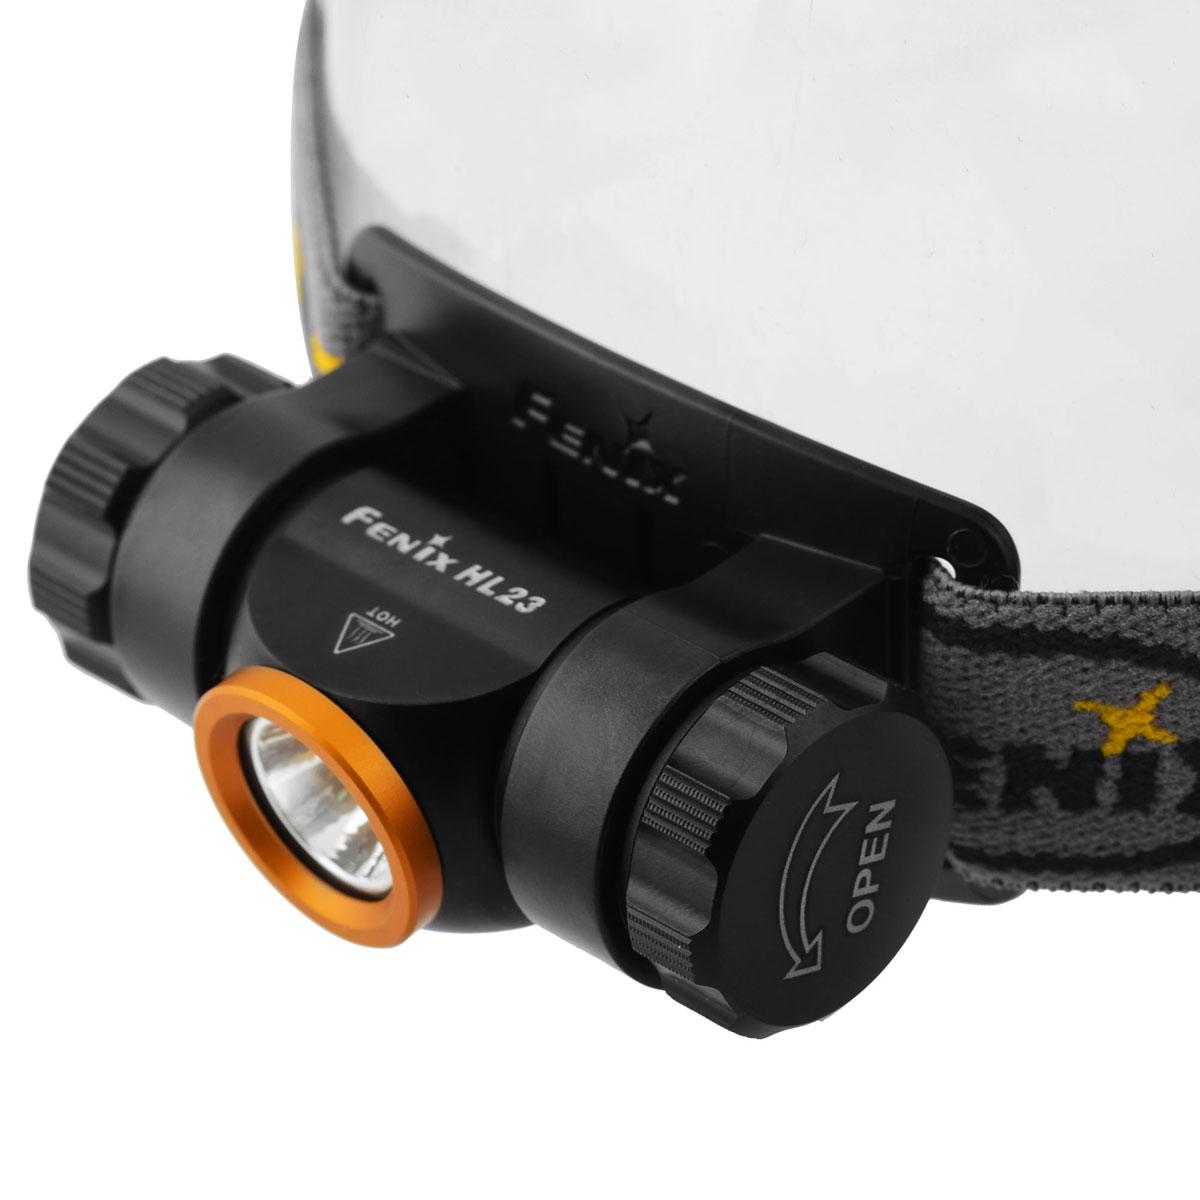 Фонарь налобный Fenix HL23 золотойKOC-H19-LEDFenix HL23 - это отлично защищенный от любых видов повреждений фонарь. При этом он еще и совсем небольшой, что позволяет включить данный прибор в список снаряжения для любого путешествия. Вес фонаря без учета аккумулятора составляет лишь 52 г. Габариты его корпуса - 71мм х 38,9 мм х 40 мм.Основой оптической системы Fenix HL23 является светодиод Cree XP-G2 R5. Он принадлежит к числу наиболее современных полупроводниковых приборов и в состоянии проработать не менее 50 000 ч. Яркость света, которую он обеспечивает, достигает 150 люмен. Осветительное устройство работает в 3 режимах. Это режимы High (150 люмен), Mid (50 люмен) и Low (3 люмена). Наиболее экономный из них может использоваться в качестве ночного света в палатке, или чтобы осветить путь непосредственно под ногами. А самый яркий дает комфортный уровень света для решения большинства задач в темное время суток. Время работы Fenix HL23 в каждом из режимов яркости зависит от того, какой элемент питания установлен в его батарейный отсек. Это может быть Ni-MH аккумулятор формата АА или щелочная батарея такого же размера. Время работы от аккумулятора для режимов в порядке убывания яркости такое: 1 ч, 20 мин; 5 ч, 40 мин; 100 ч. А вот параметры работы от щелочной батареи: 1ч; 4 ч, 25 мин; 110 ч.Независимо от типа элемента питания, в фонаре работает система защиты от короткого замыкания в случае переполюсовки батареи. Кроме того, в ходе разрядки батареи задействуется механизм цифровой стабилизации яркости.Корпус фонаря - алюминиевый, с анодированием поверхности. Это наделяет его такими свойствами, как прочность, стойкость к коррозии и воздействию абразивов. Герметичность оболочки осветительного устройства соответствует стандарту ANSI IP68. Это самый высокий уровень защиты от воды и пыли. Fenix HL23 можно смело использовать при любой погоде и не переживать за его исправность после падения в лужу или грязь.Особенности:использование светодиода Cree XP-G2 R5 с потенциалом работ